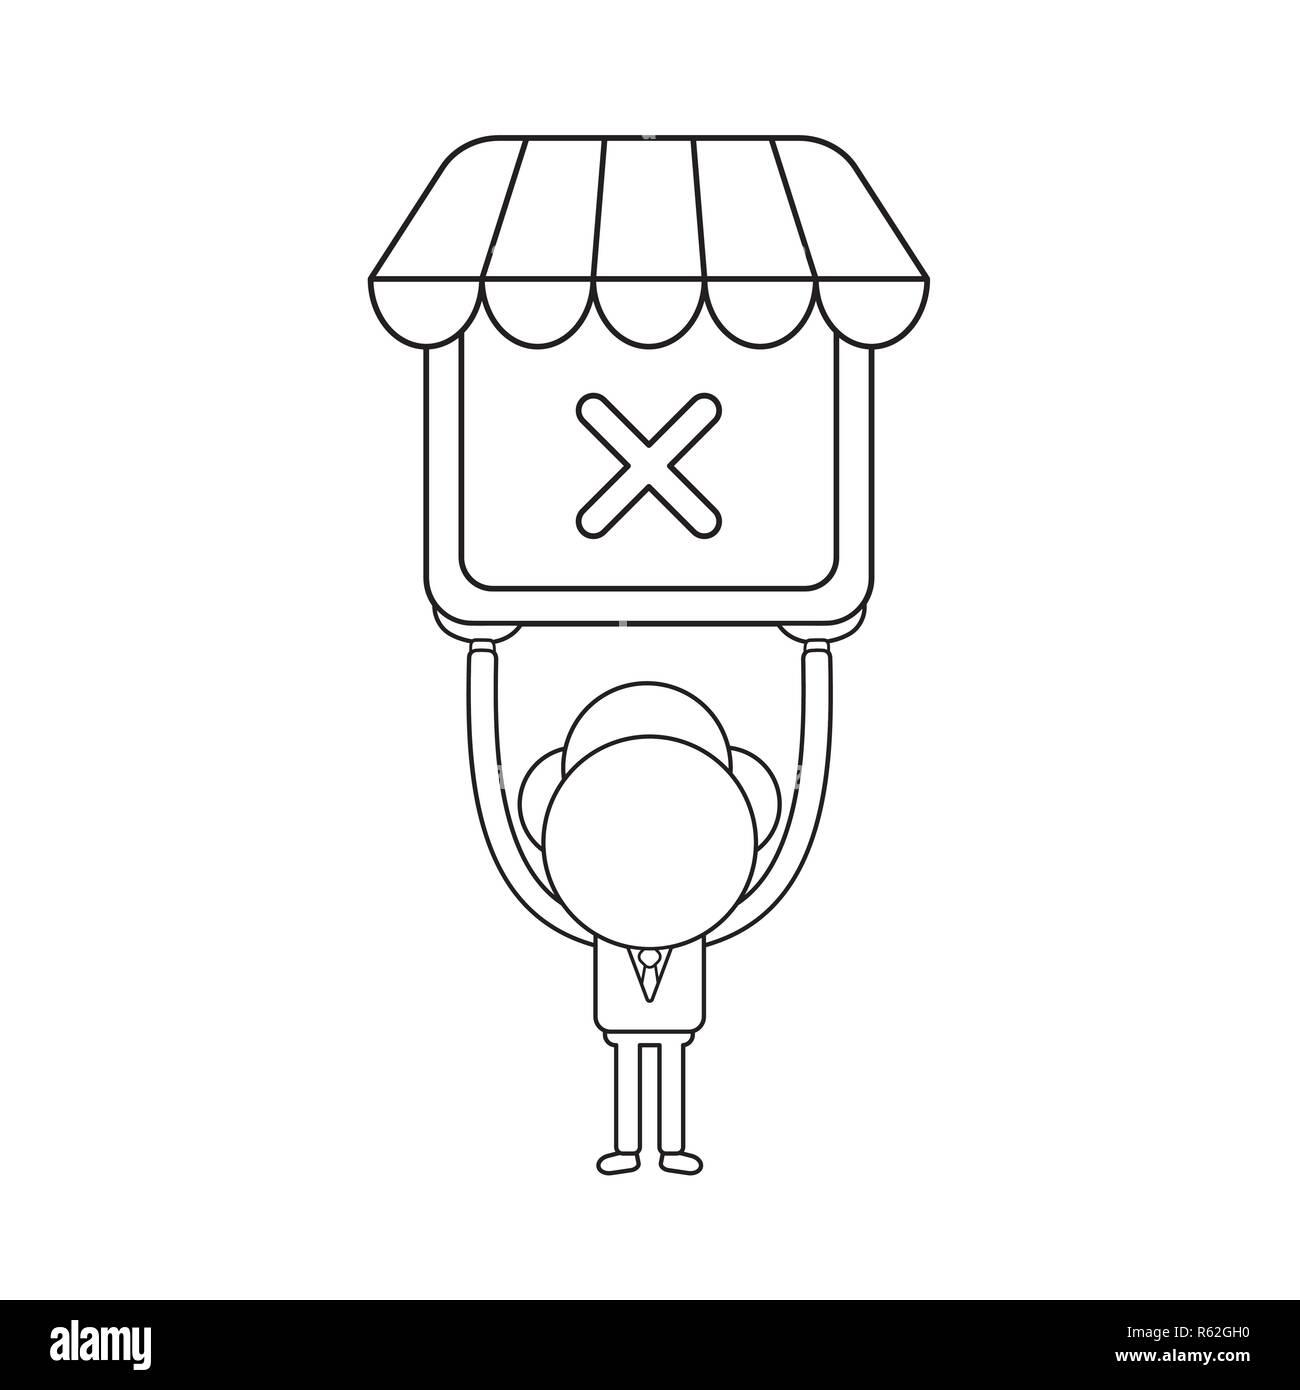 868f2bd925 Ilustración vectorial concepto de carácter empresario sosteniendo tienda  con marca x. Contorno negro. Imagen